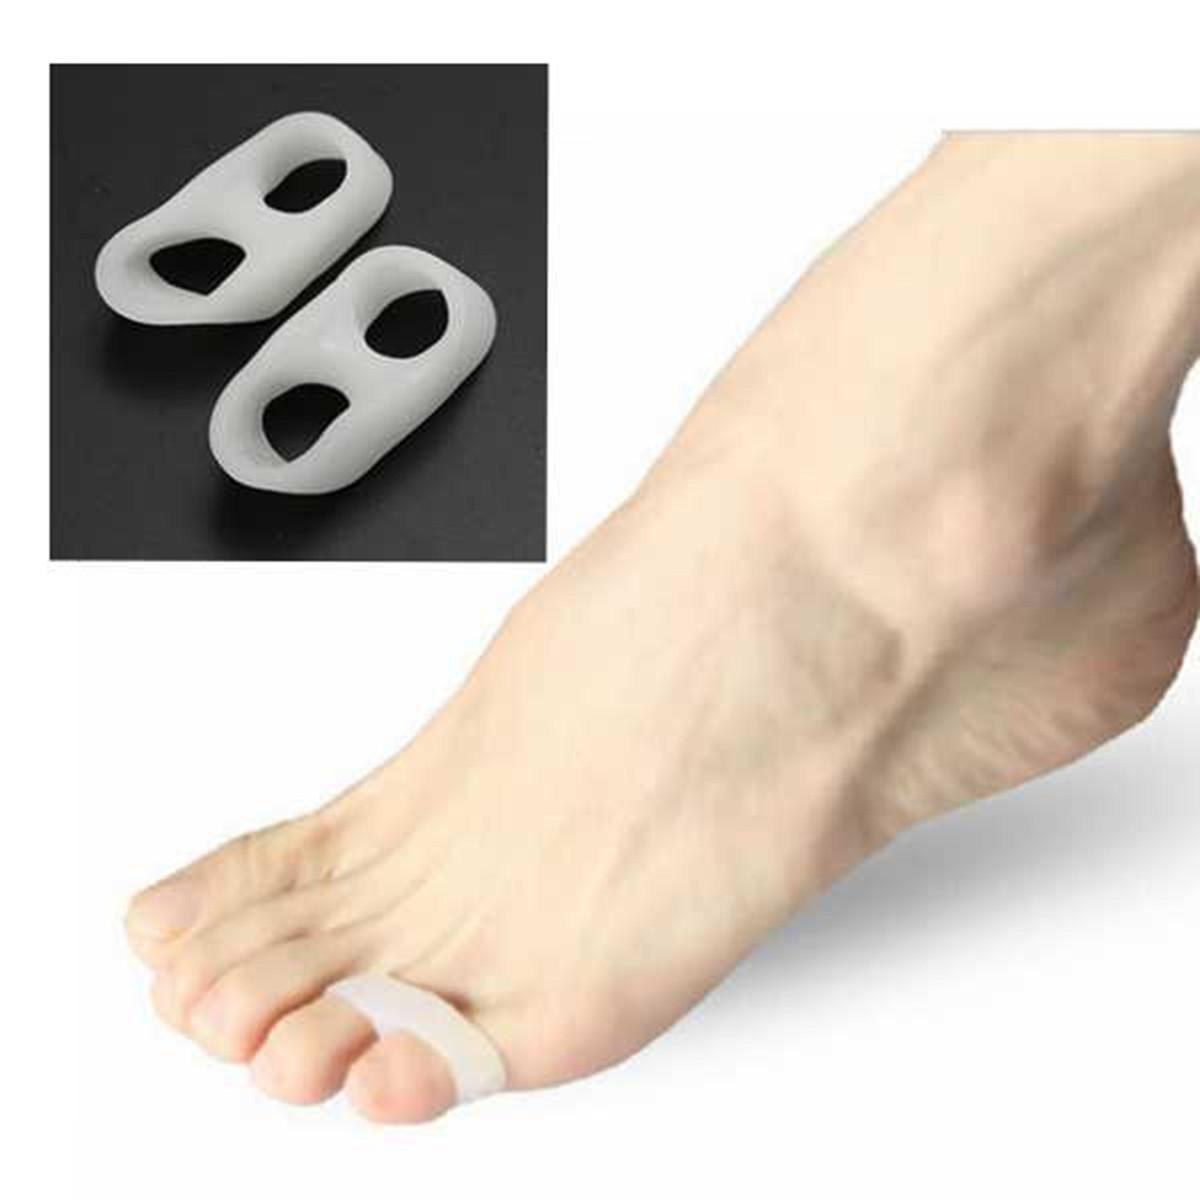 Шт мягкий силиконовый гель toe сепараторы выпрямитель бурсит большого пальца стопы протектор